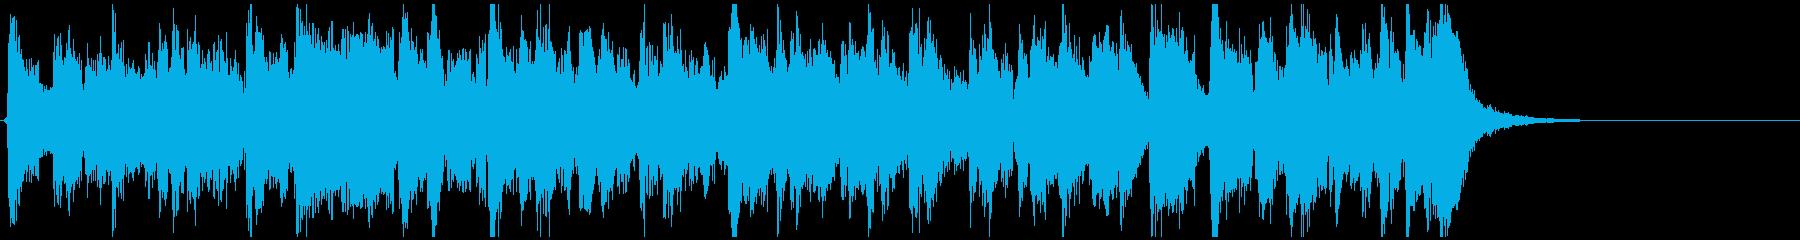 ゴキゲンなファンキージャム◆15秒CM用の再生済みの波形